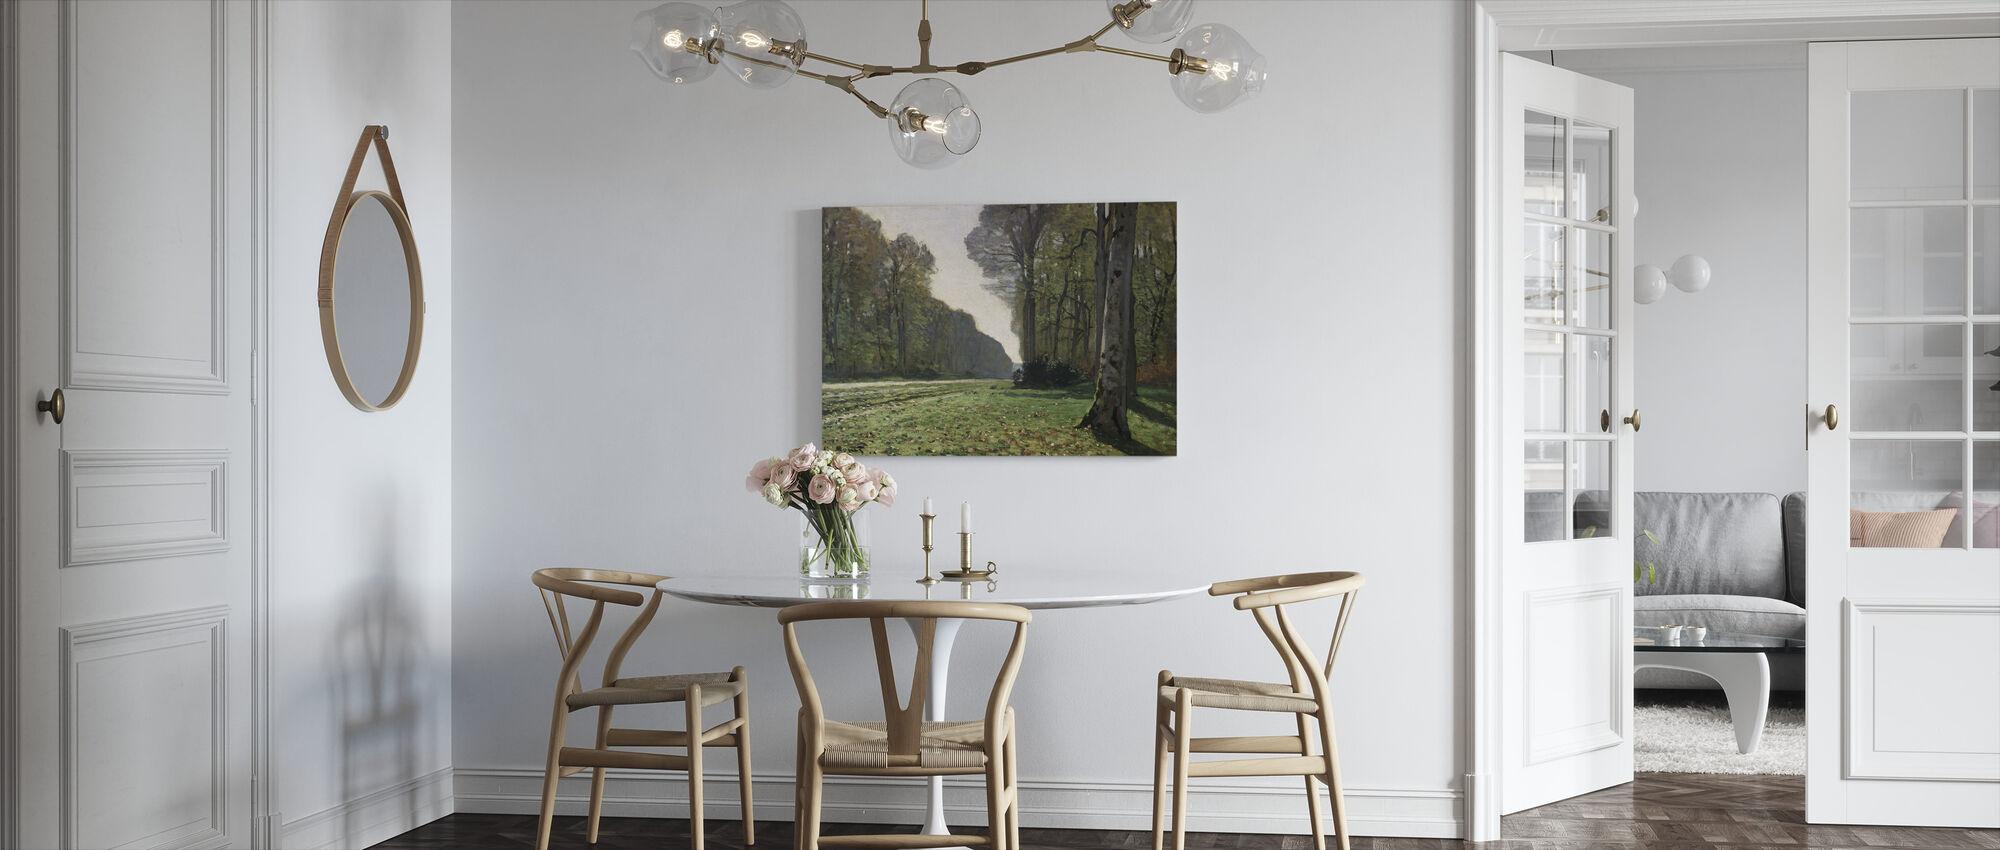 Fontainebleau - Claude Monet - Canvastavla - Kök